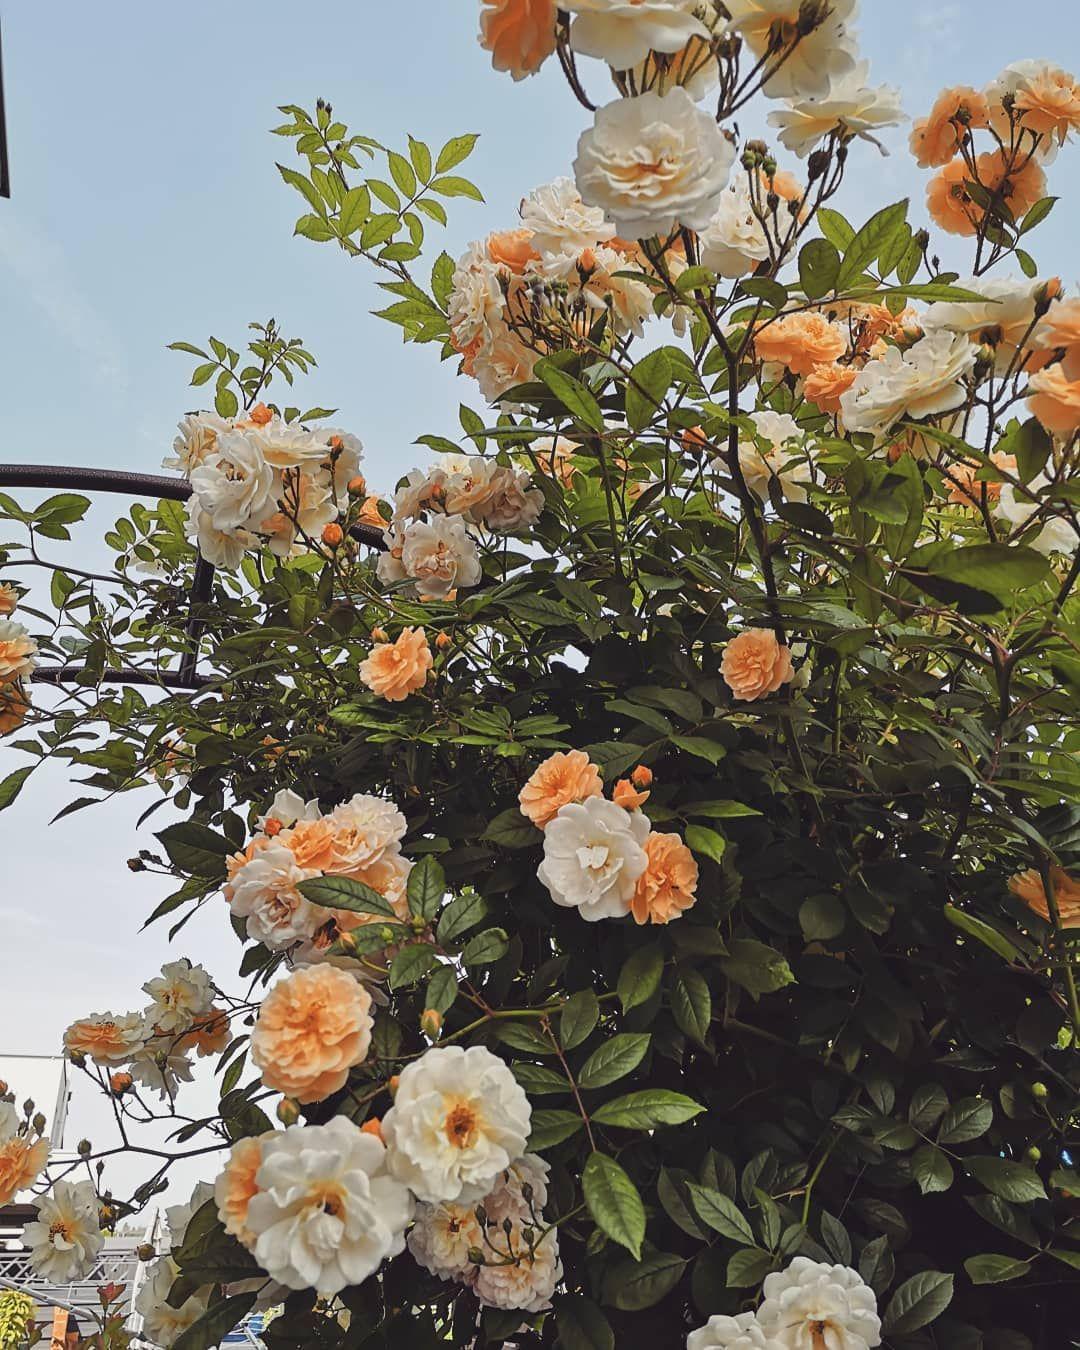 Wunsche Euch Einen Schonen Freitag Ihr Lieben Bei Uns Ist Es Veregnet Und Alles Grau Grau Richtiges Kuschelwetter Das Foto Von Meine Plants Painting Garden